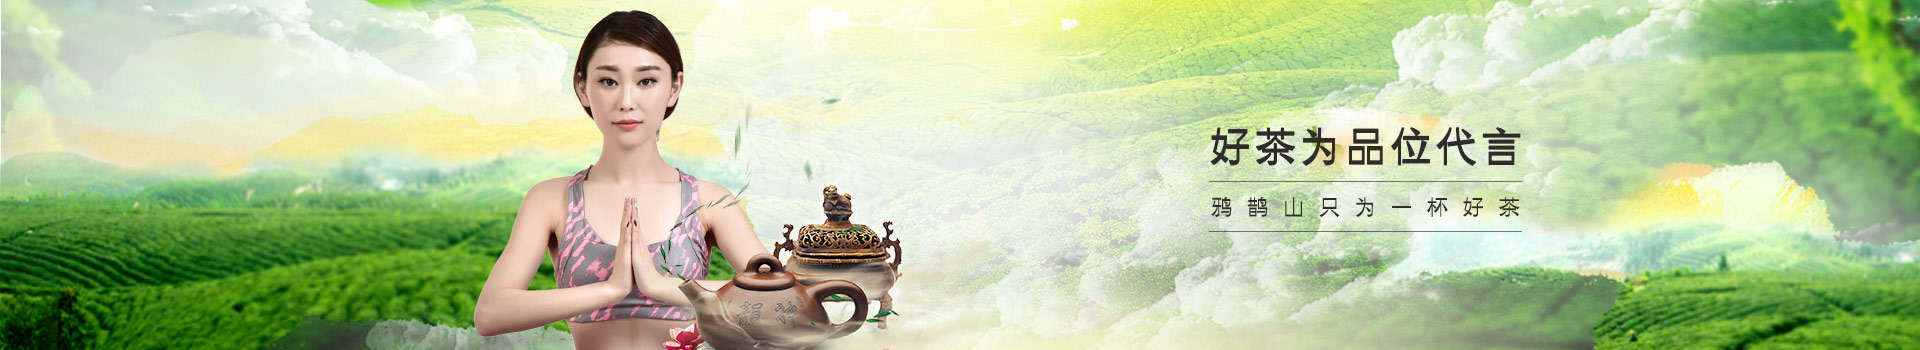 好茶为品位代言 鸦鹊山只为一杯好茶